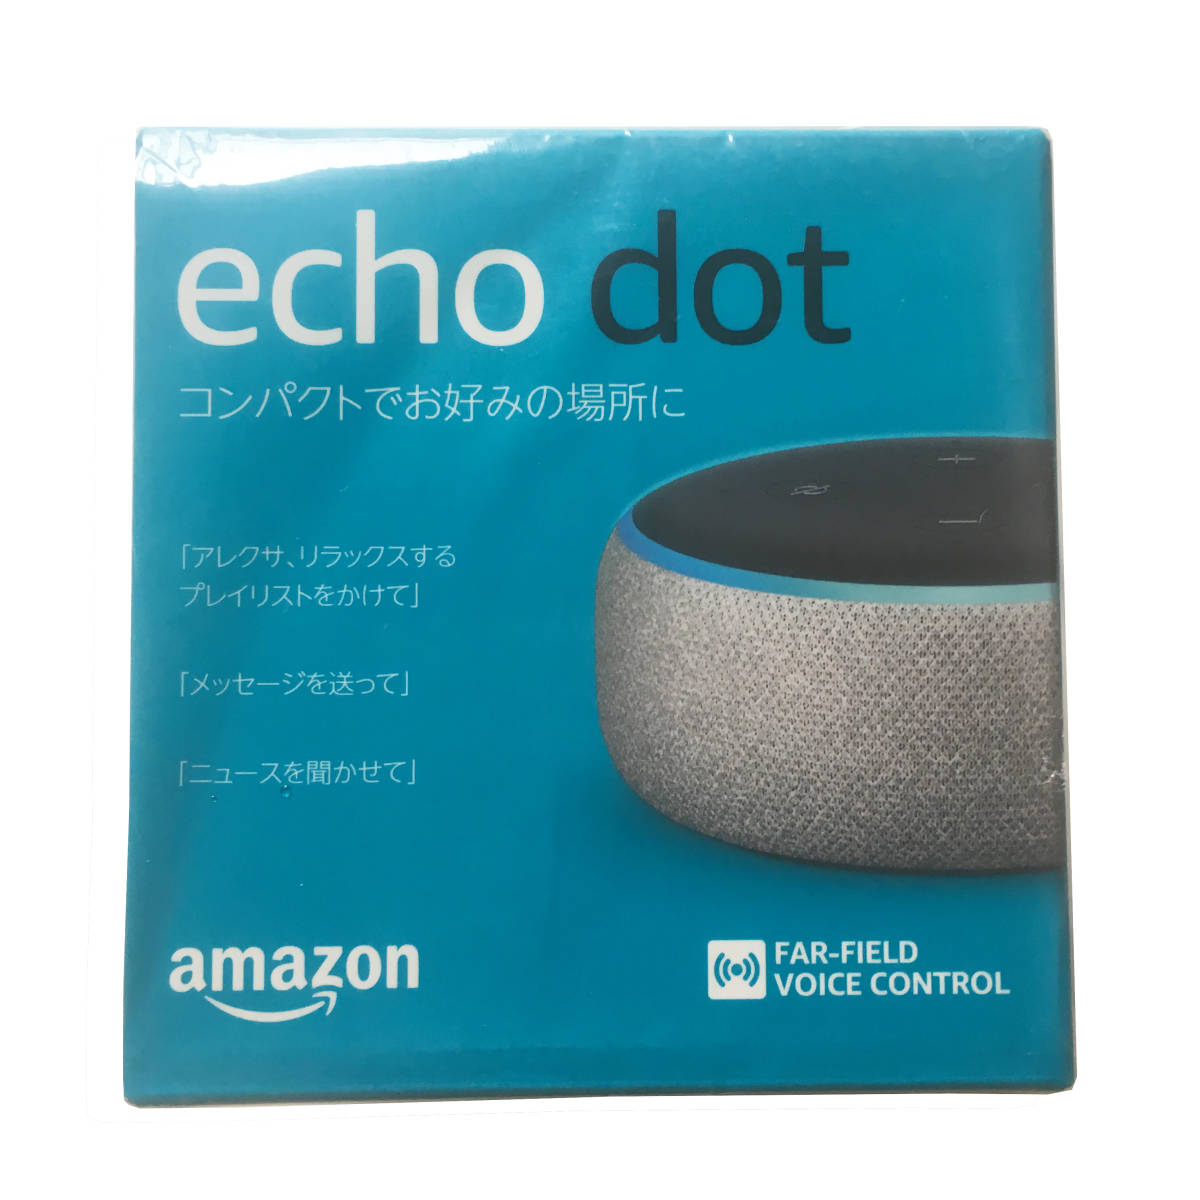 【新品・未開封】 Amazon 第3世代 Echo Dot Alexa対応 スマートスピーカー ヘザーグレー_画像1